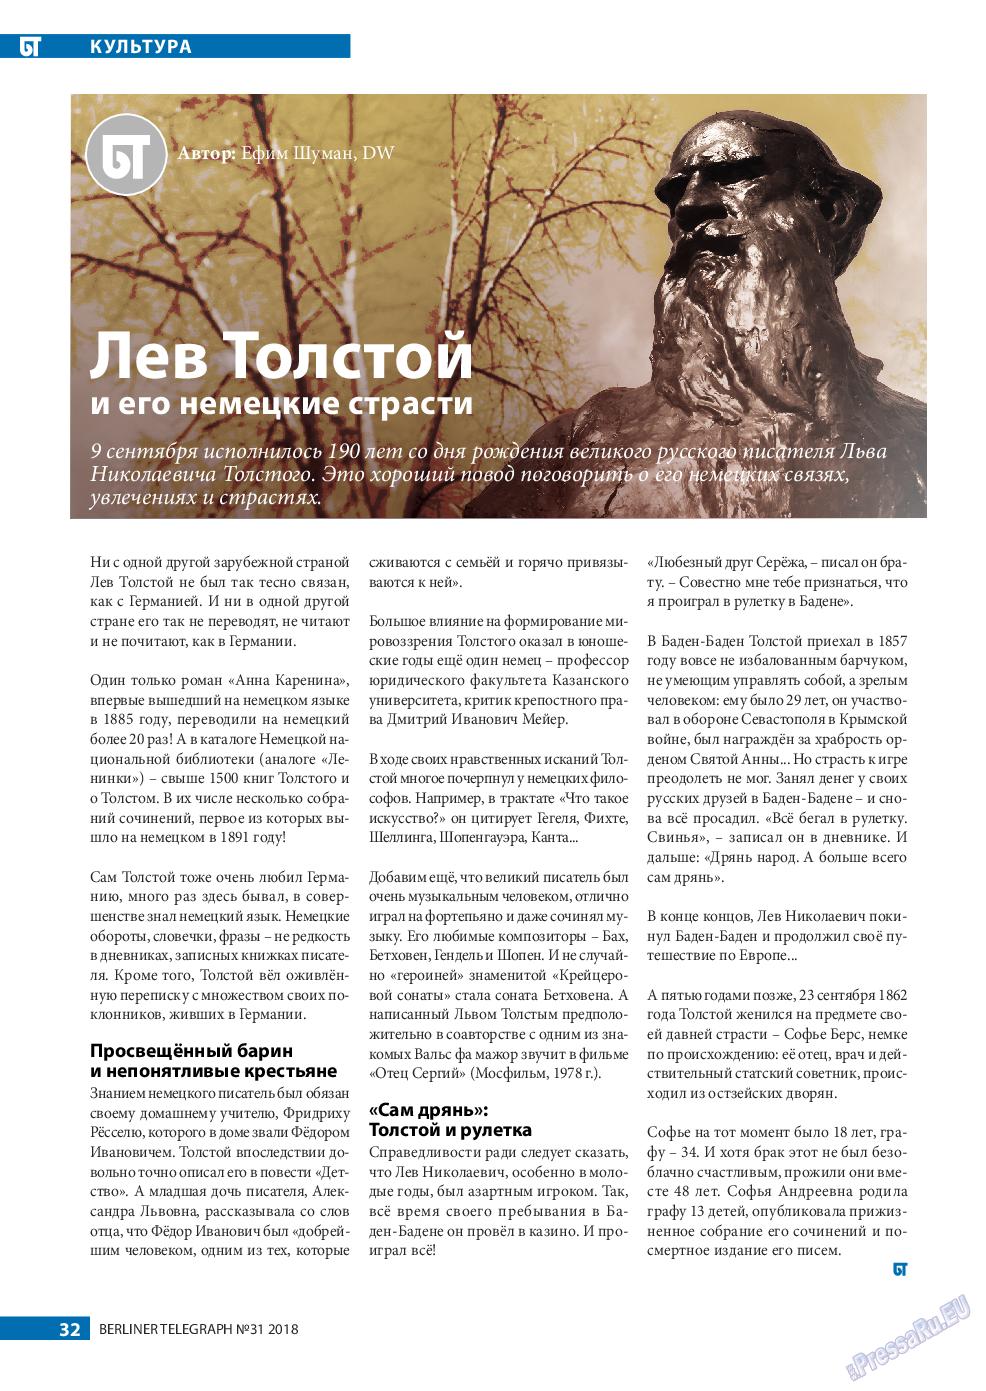 Берлинский телеграф (журнал). 2018 год, номер 31, стр. 32